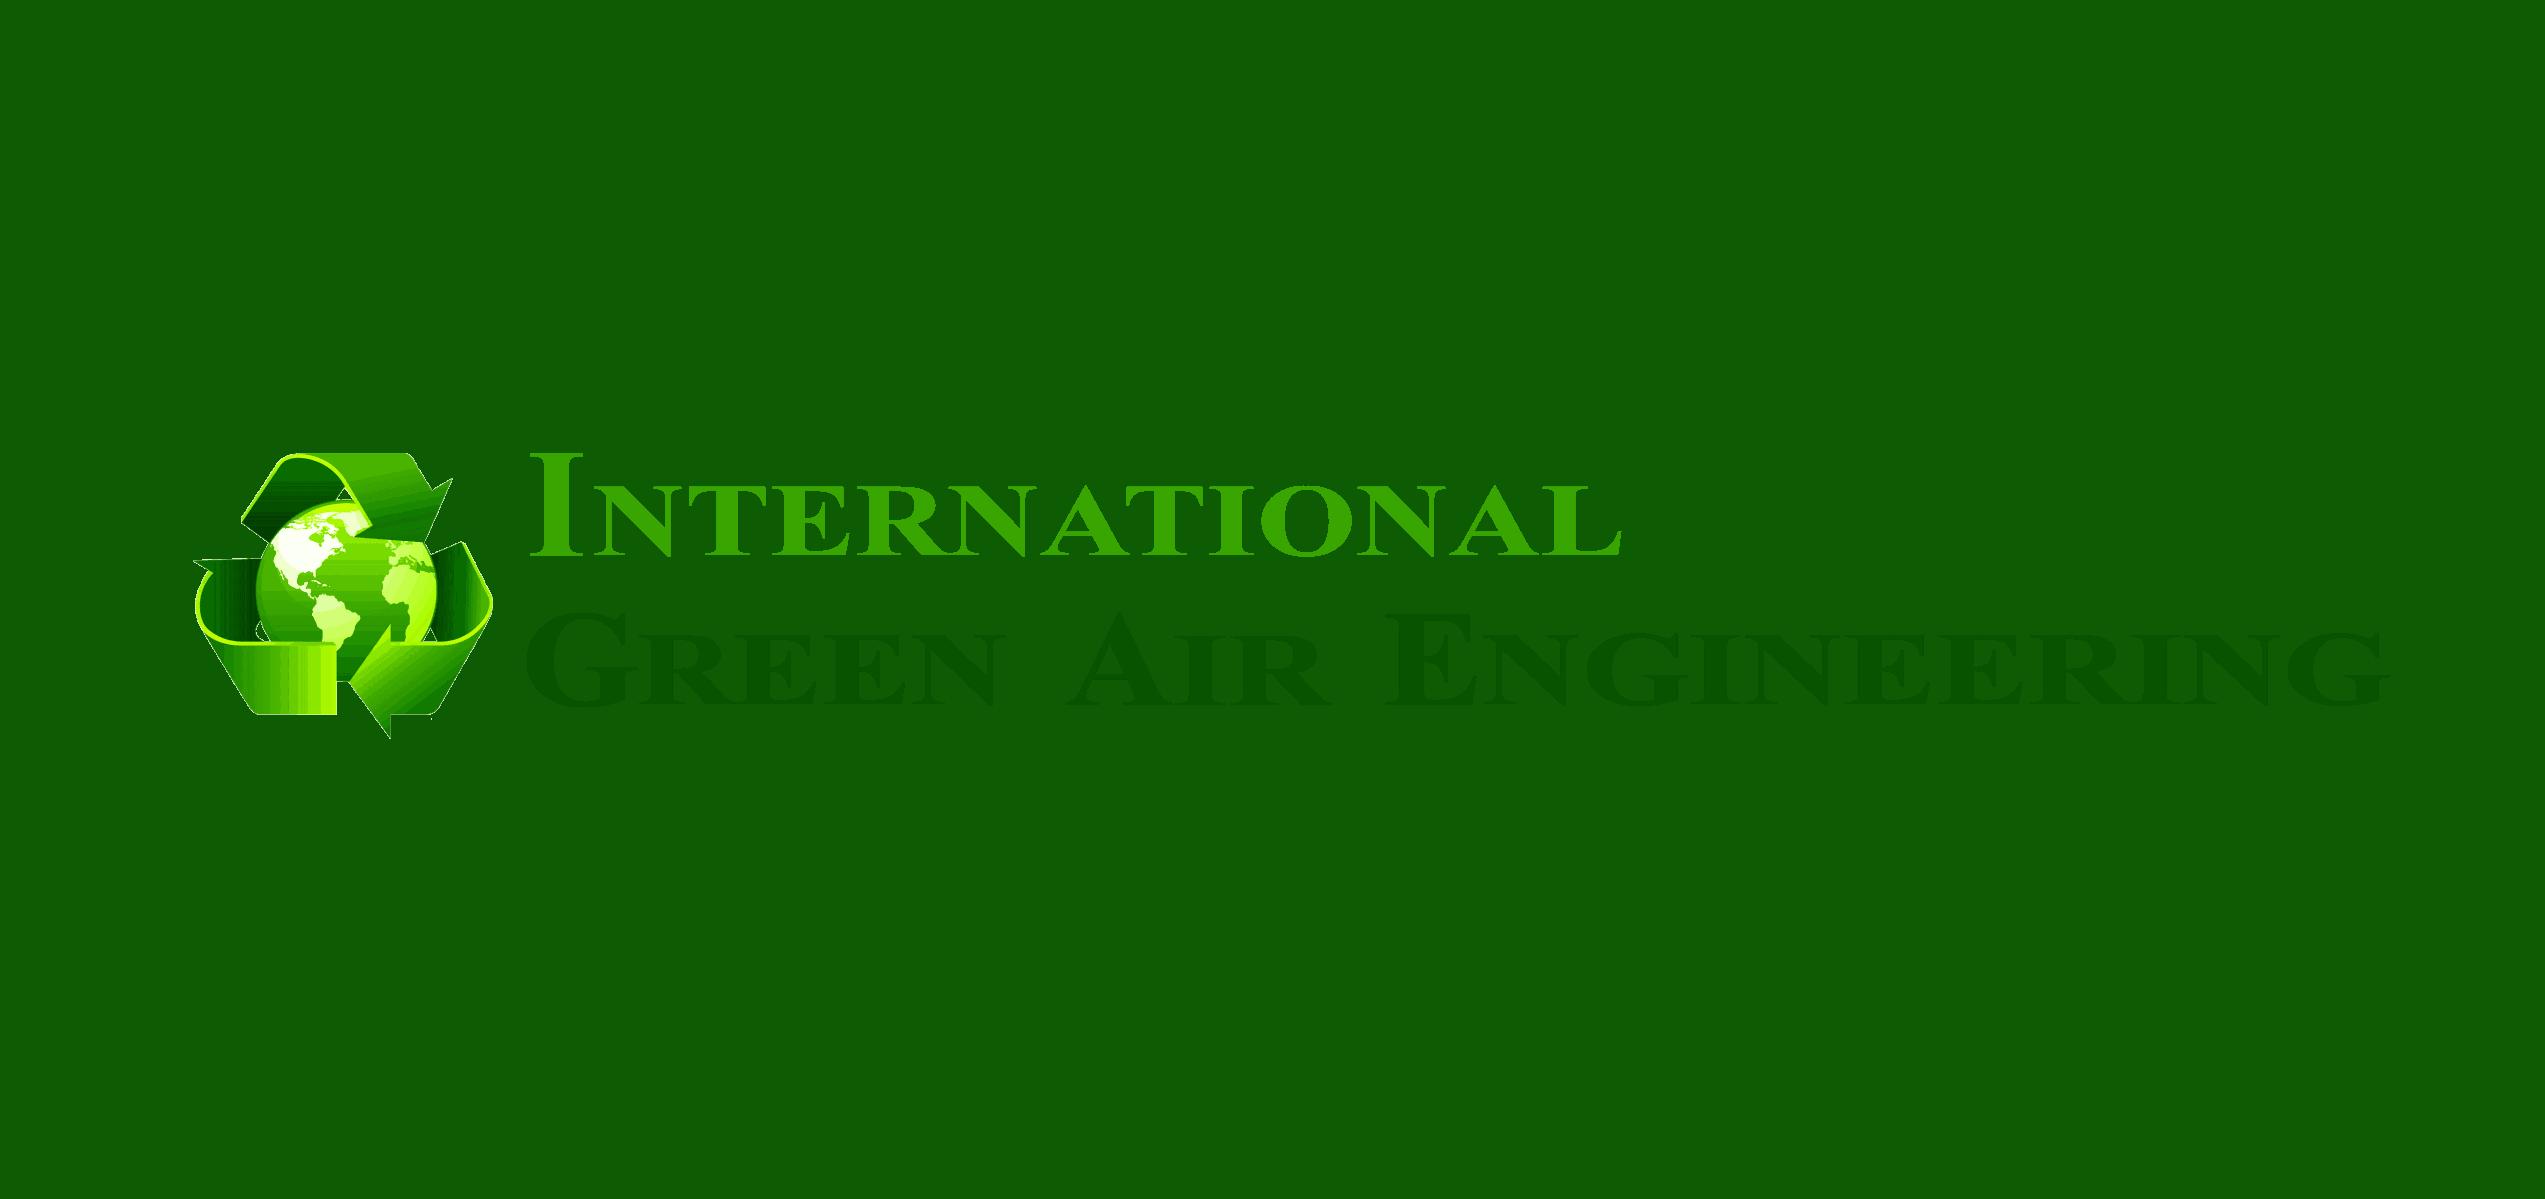 International Green Air Engineering